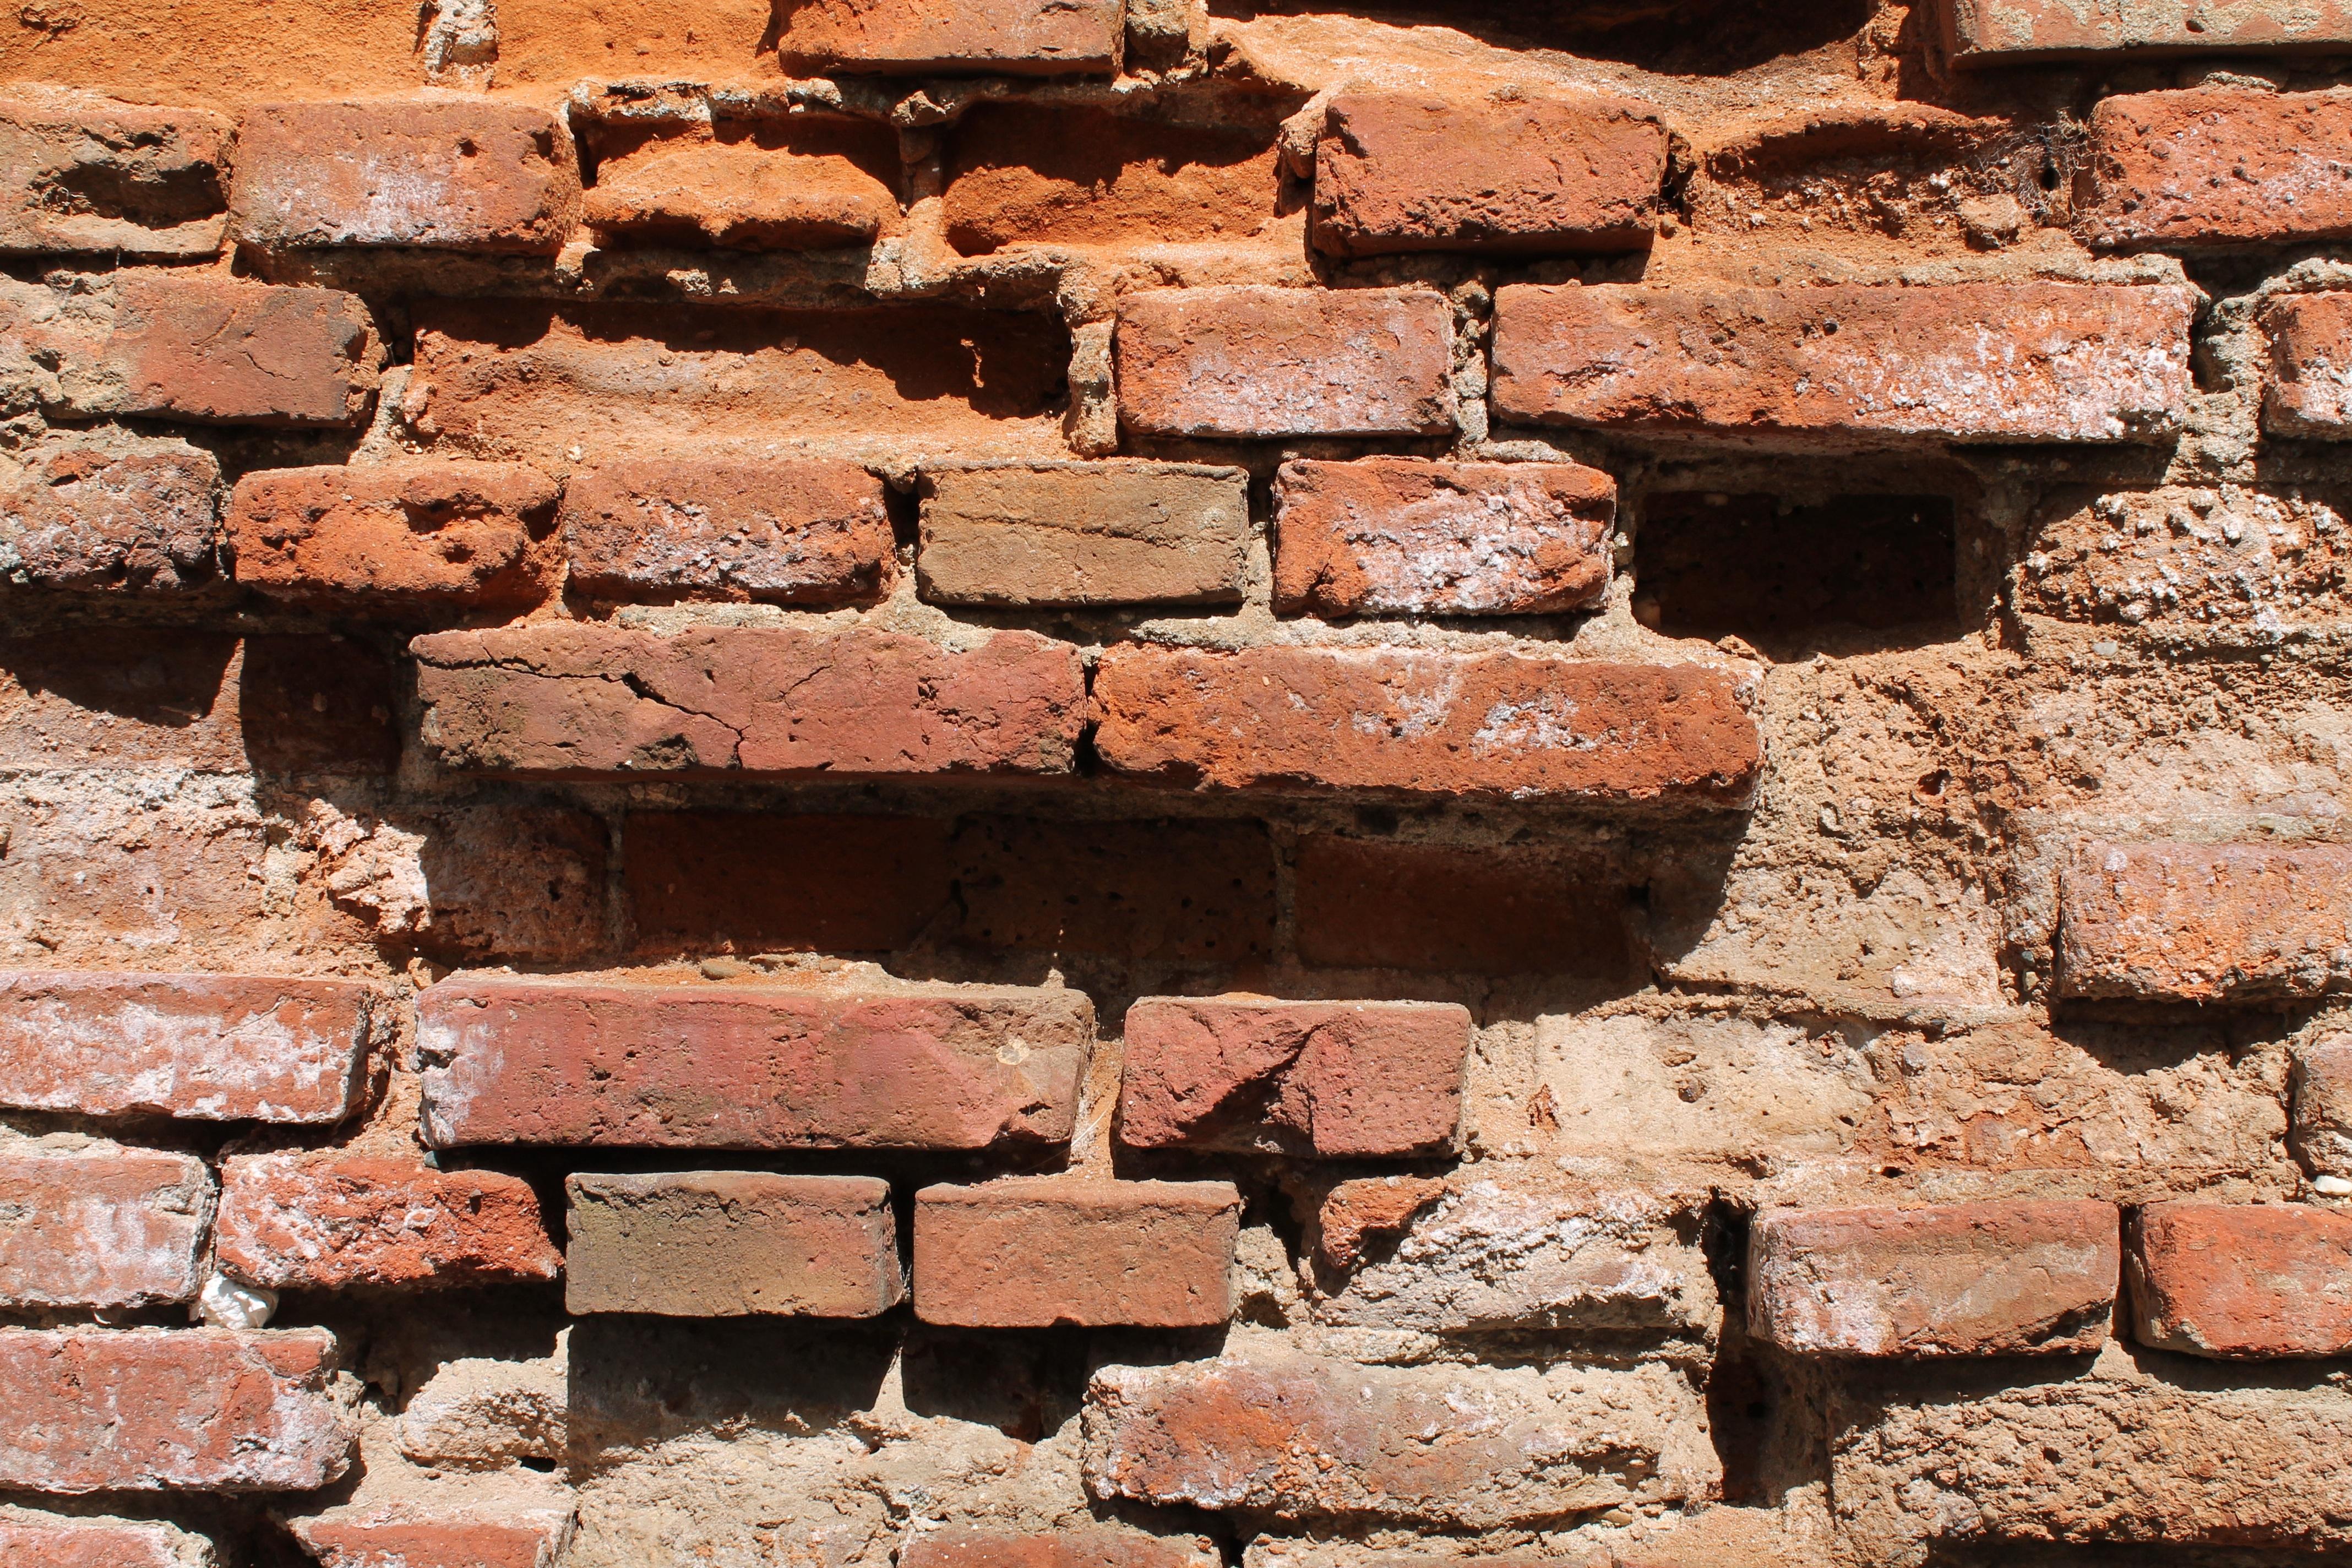 Hình Ảnh : Đất, Bức Tường Đá, Vật Chất, Đống Đổ Nát, Lý Lịch, Hư Hại, Gạch,  Tường Gạch Cũ, Lịch Sử Cổ Đại 4272x2848